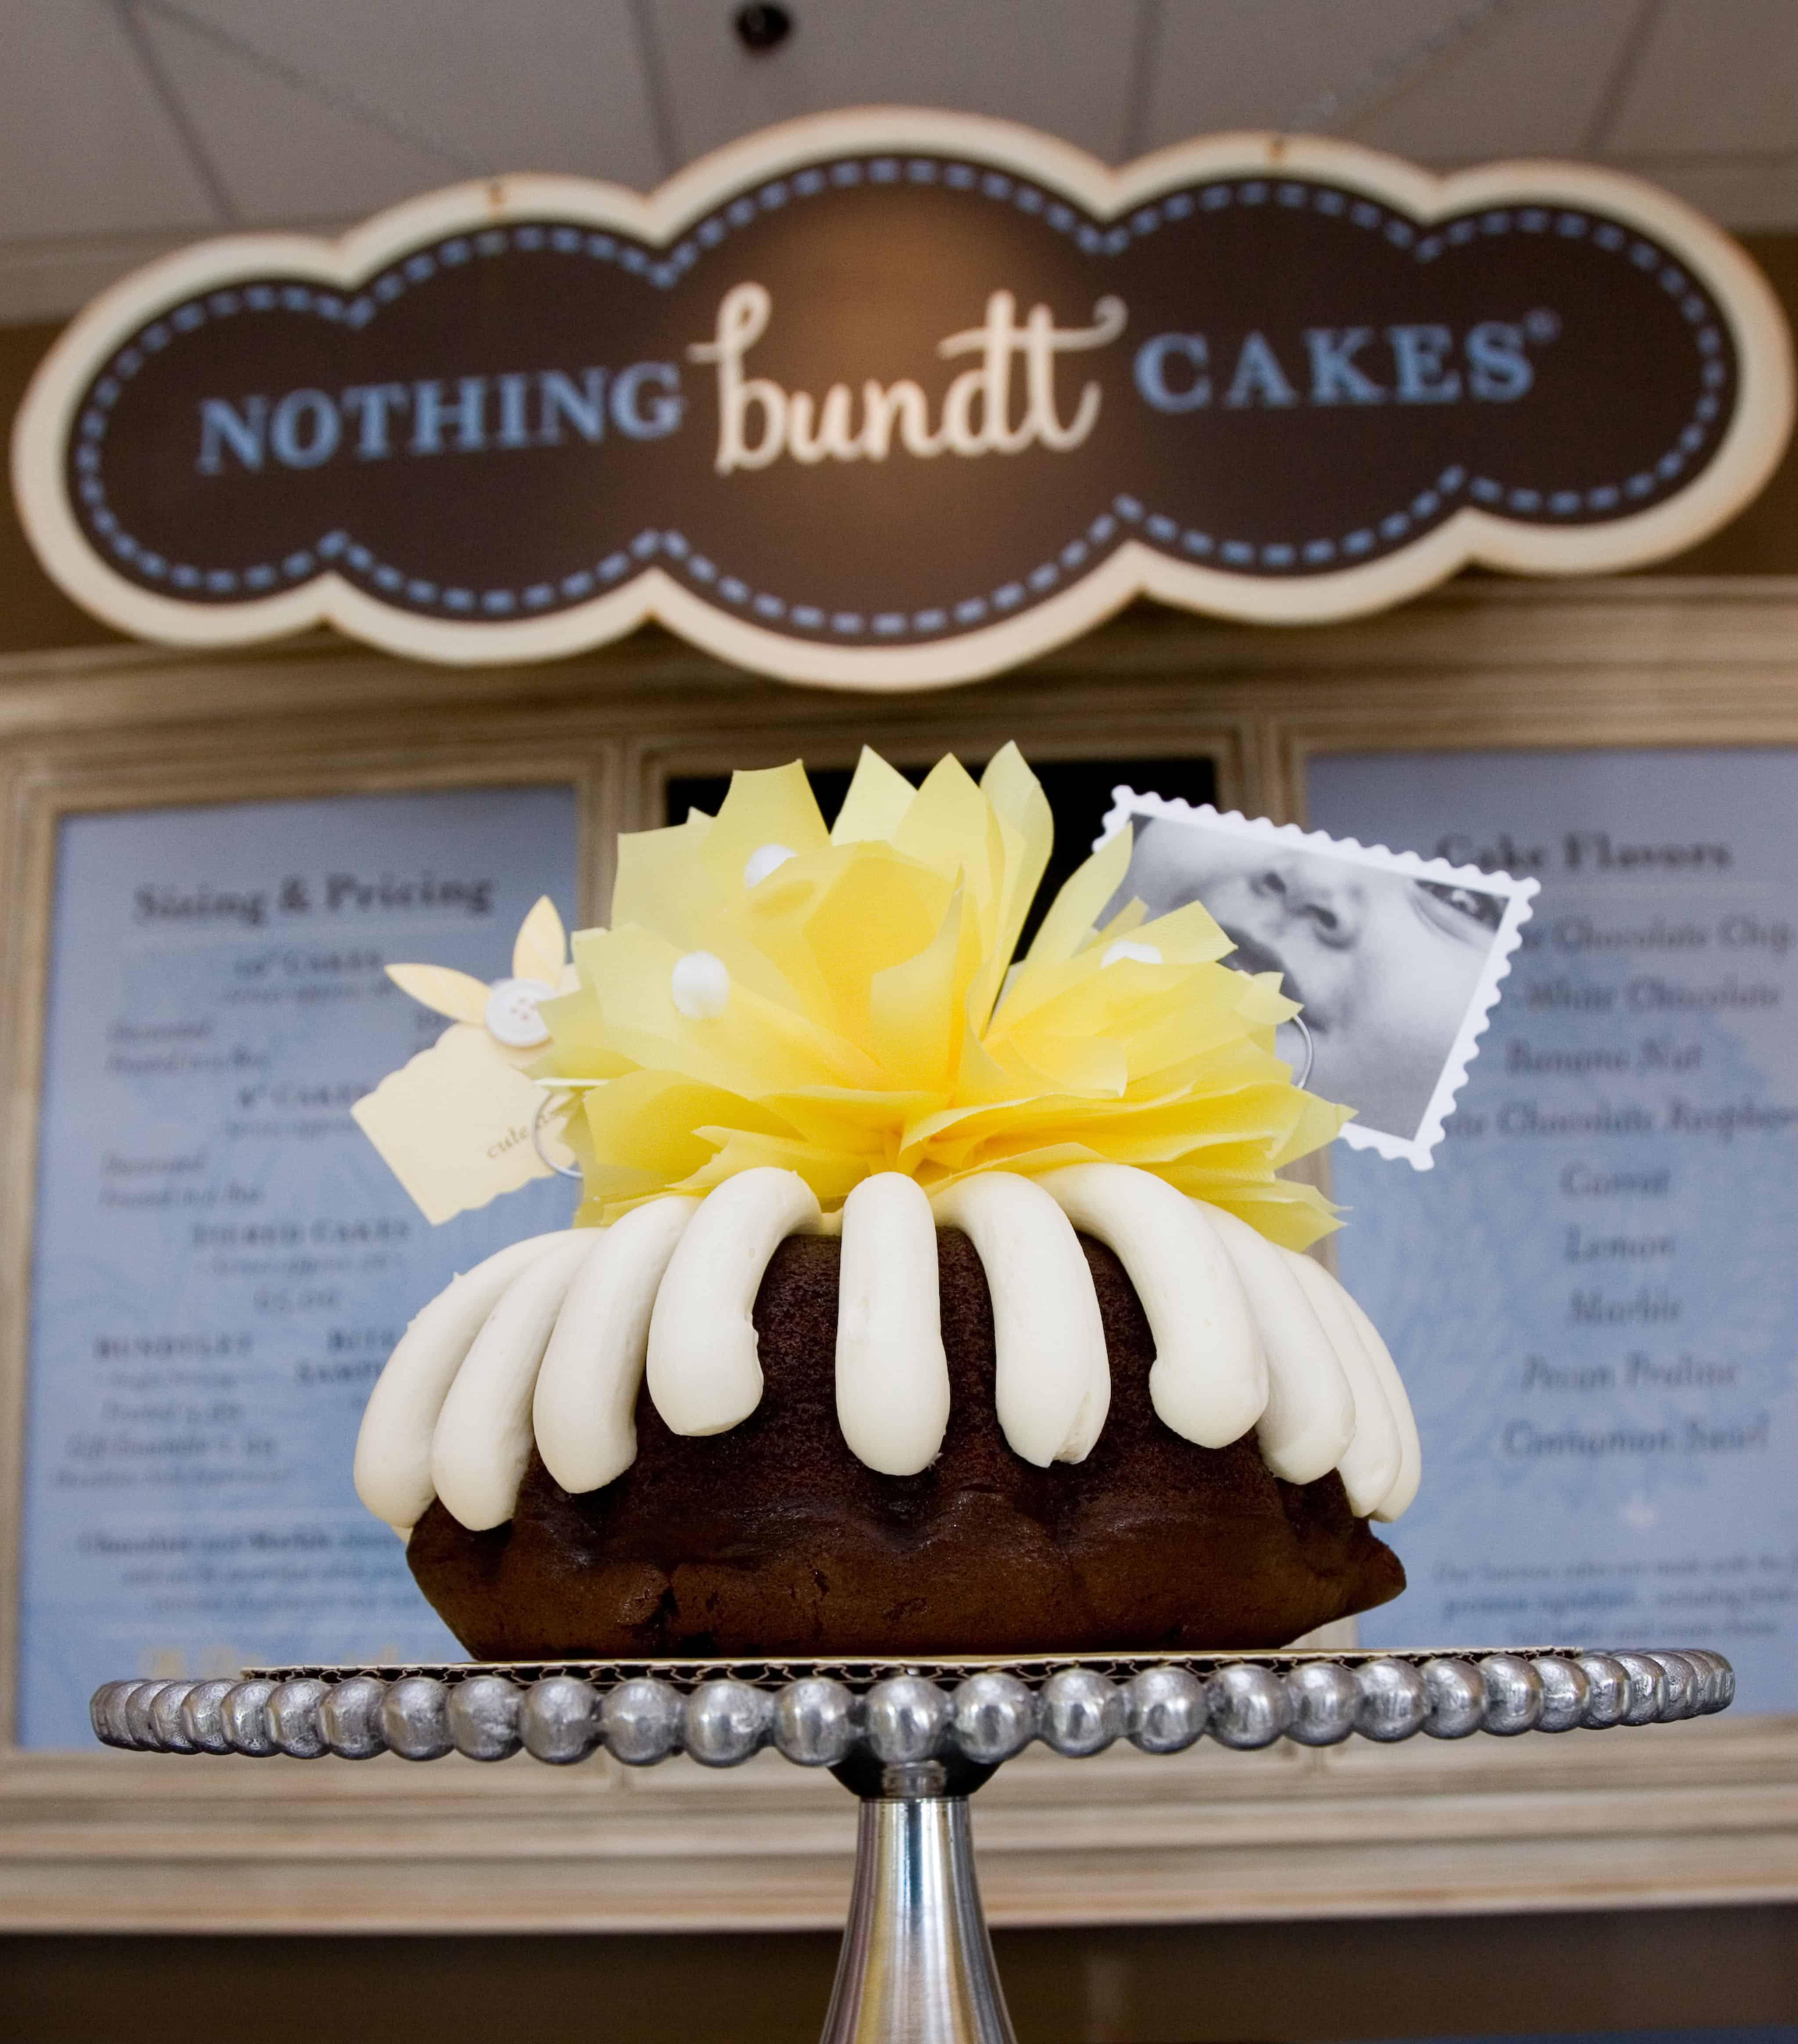 Nothing Bundt Cakes Cinnamon Swirl Ingredients